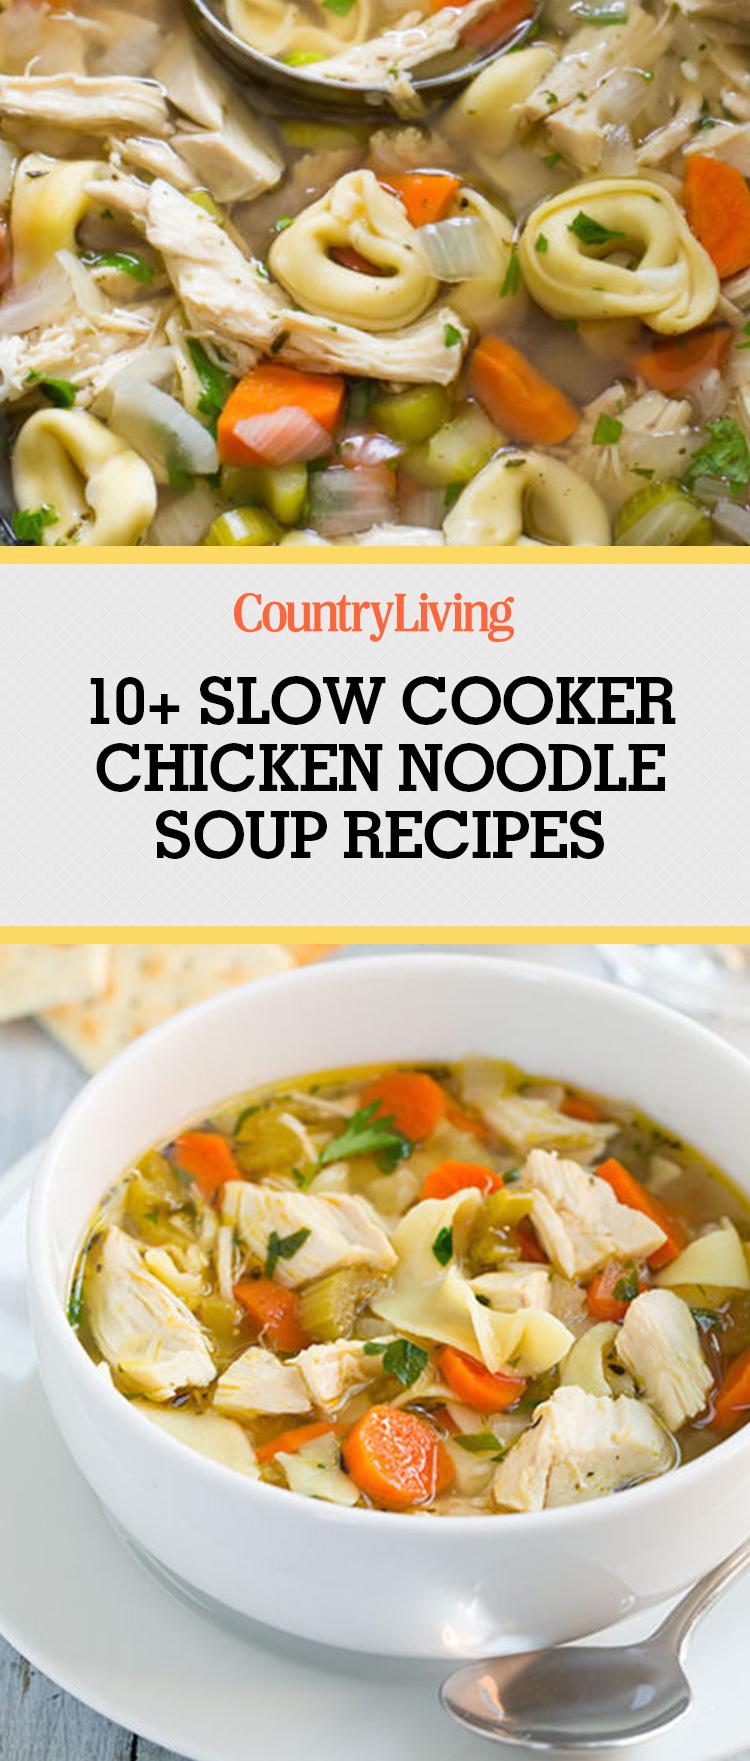 Top 11 Easy Crock Pot Chicken Noodle Soup Recipes - Best Slow